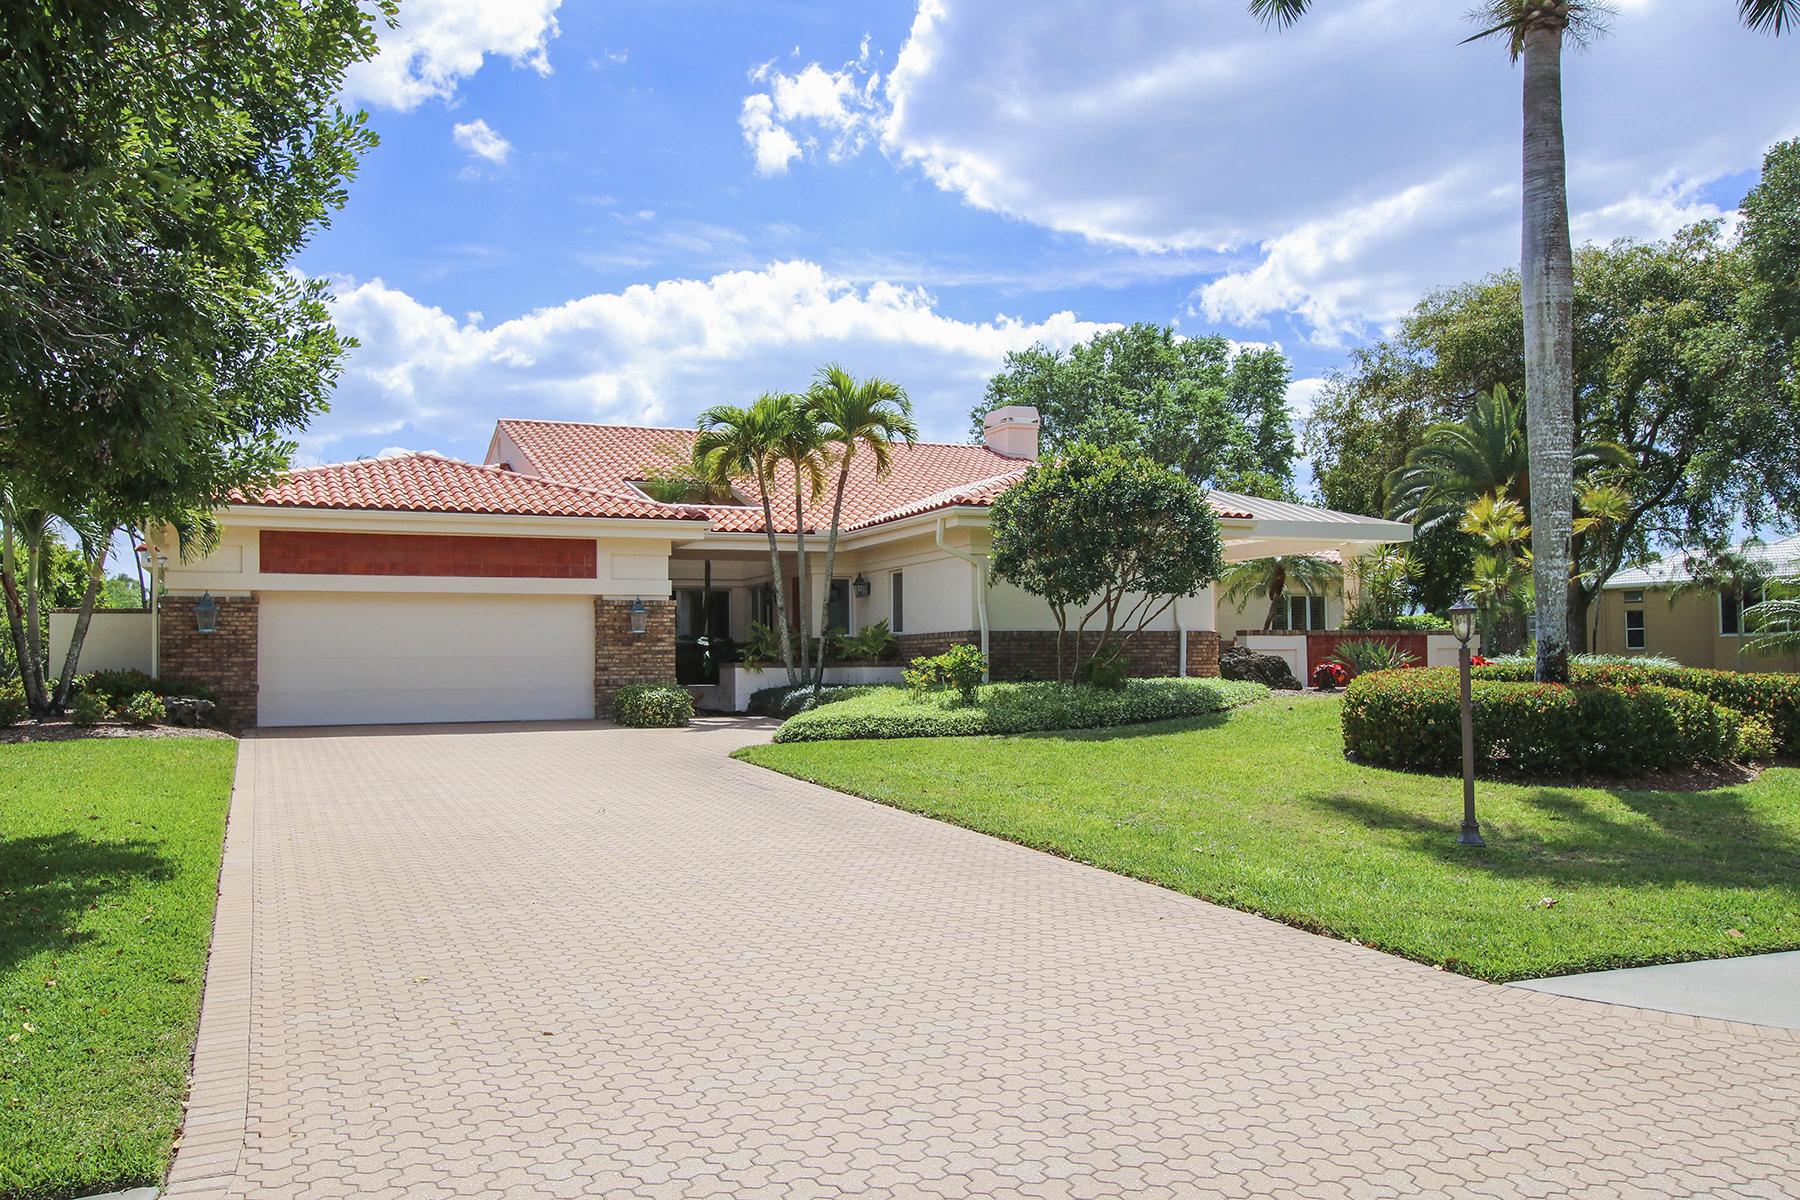 단독 가정 주택 용 매매 에 THE FOREST - OAKS 16031 Forest Oaks Dr Fort Myers, 플로리다, 33908 미국